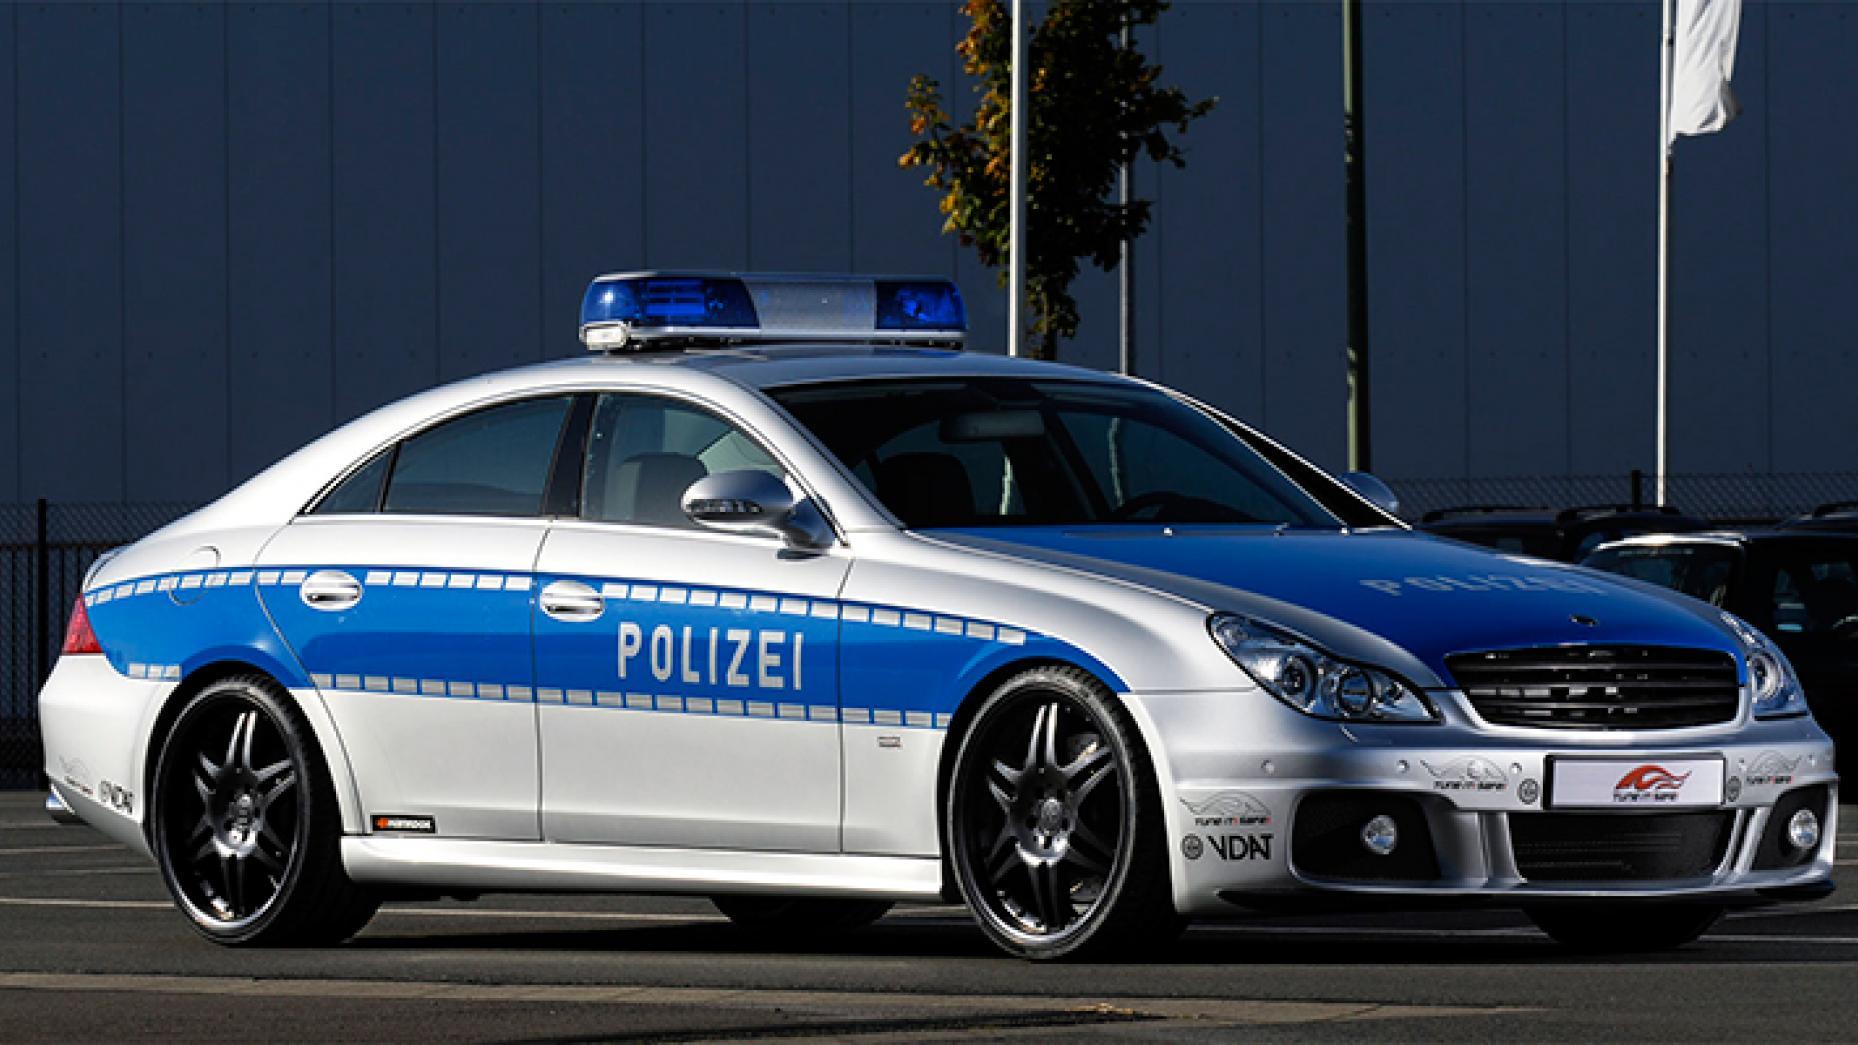 بهترین ماشین پلیسهای جهان در یک نگاه